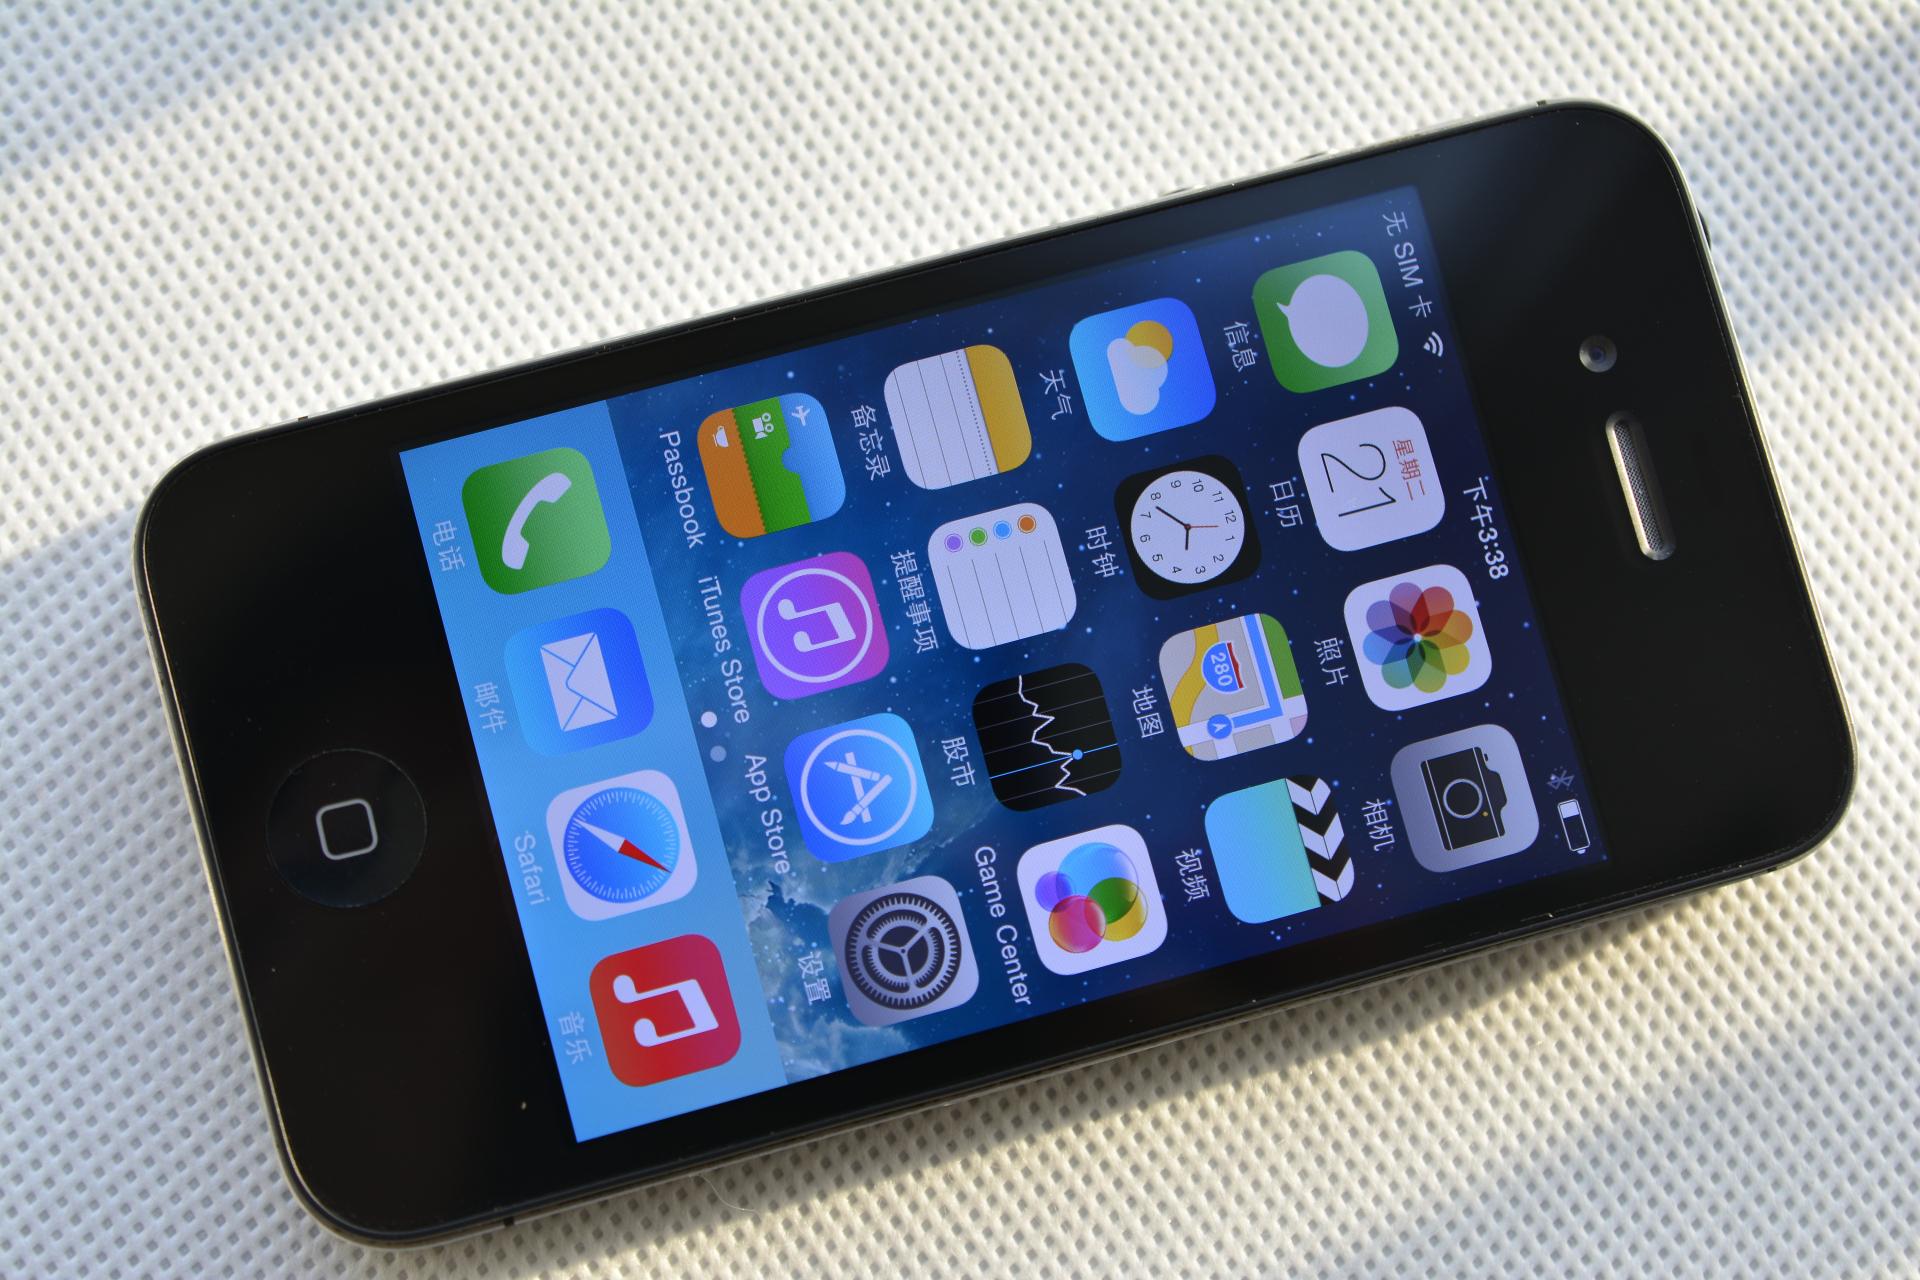 苹果iphone 4s